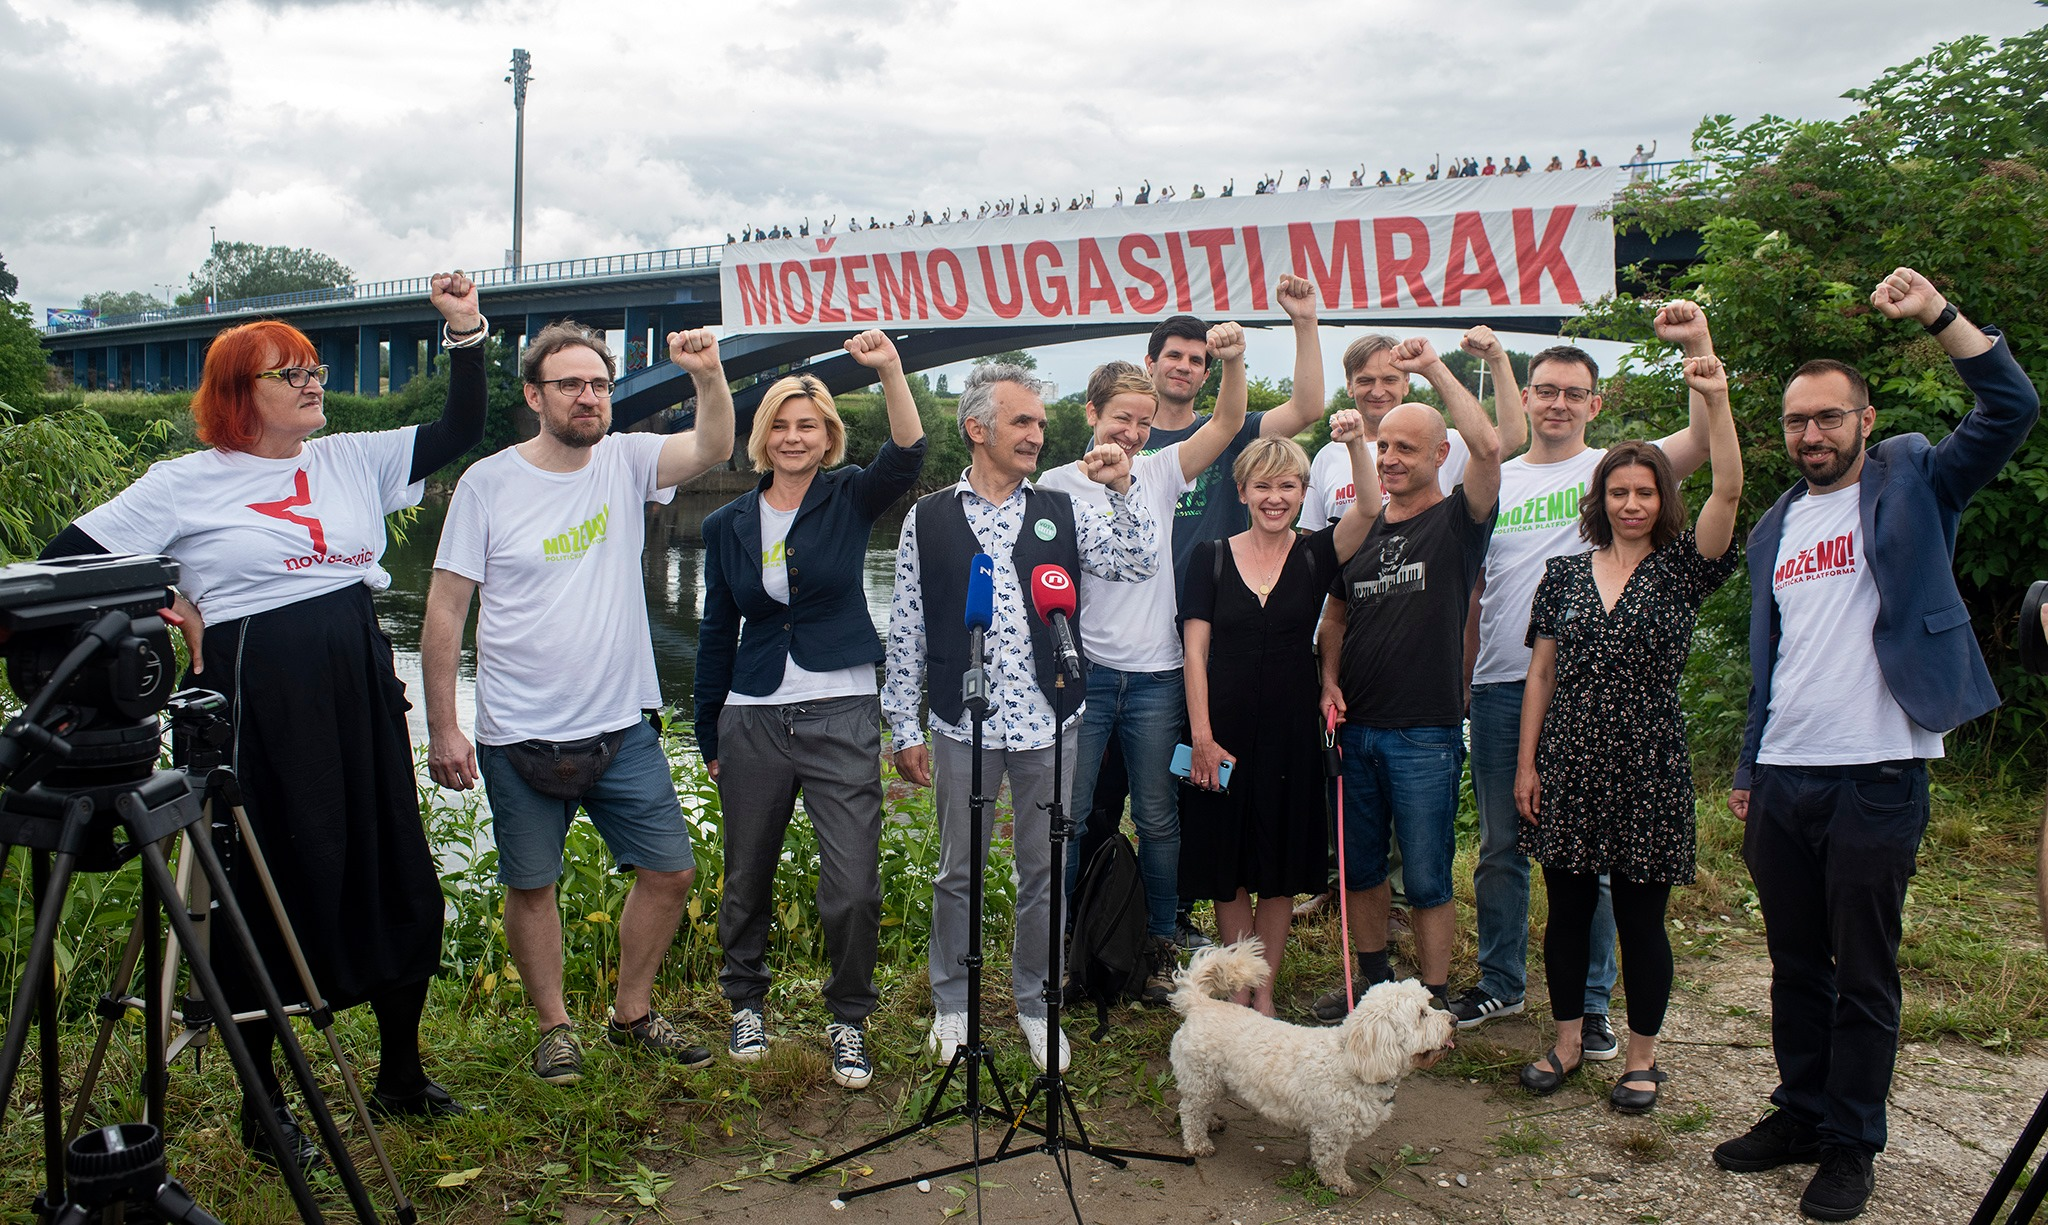 """Jutros smo na Mostu slobode razvili 50-metarski transparent """"MOŽEMO UGASITI MRAK""""!"""